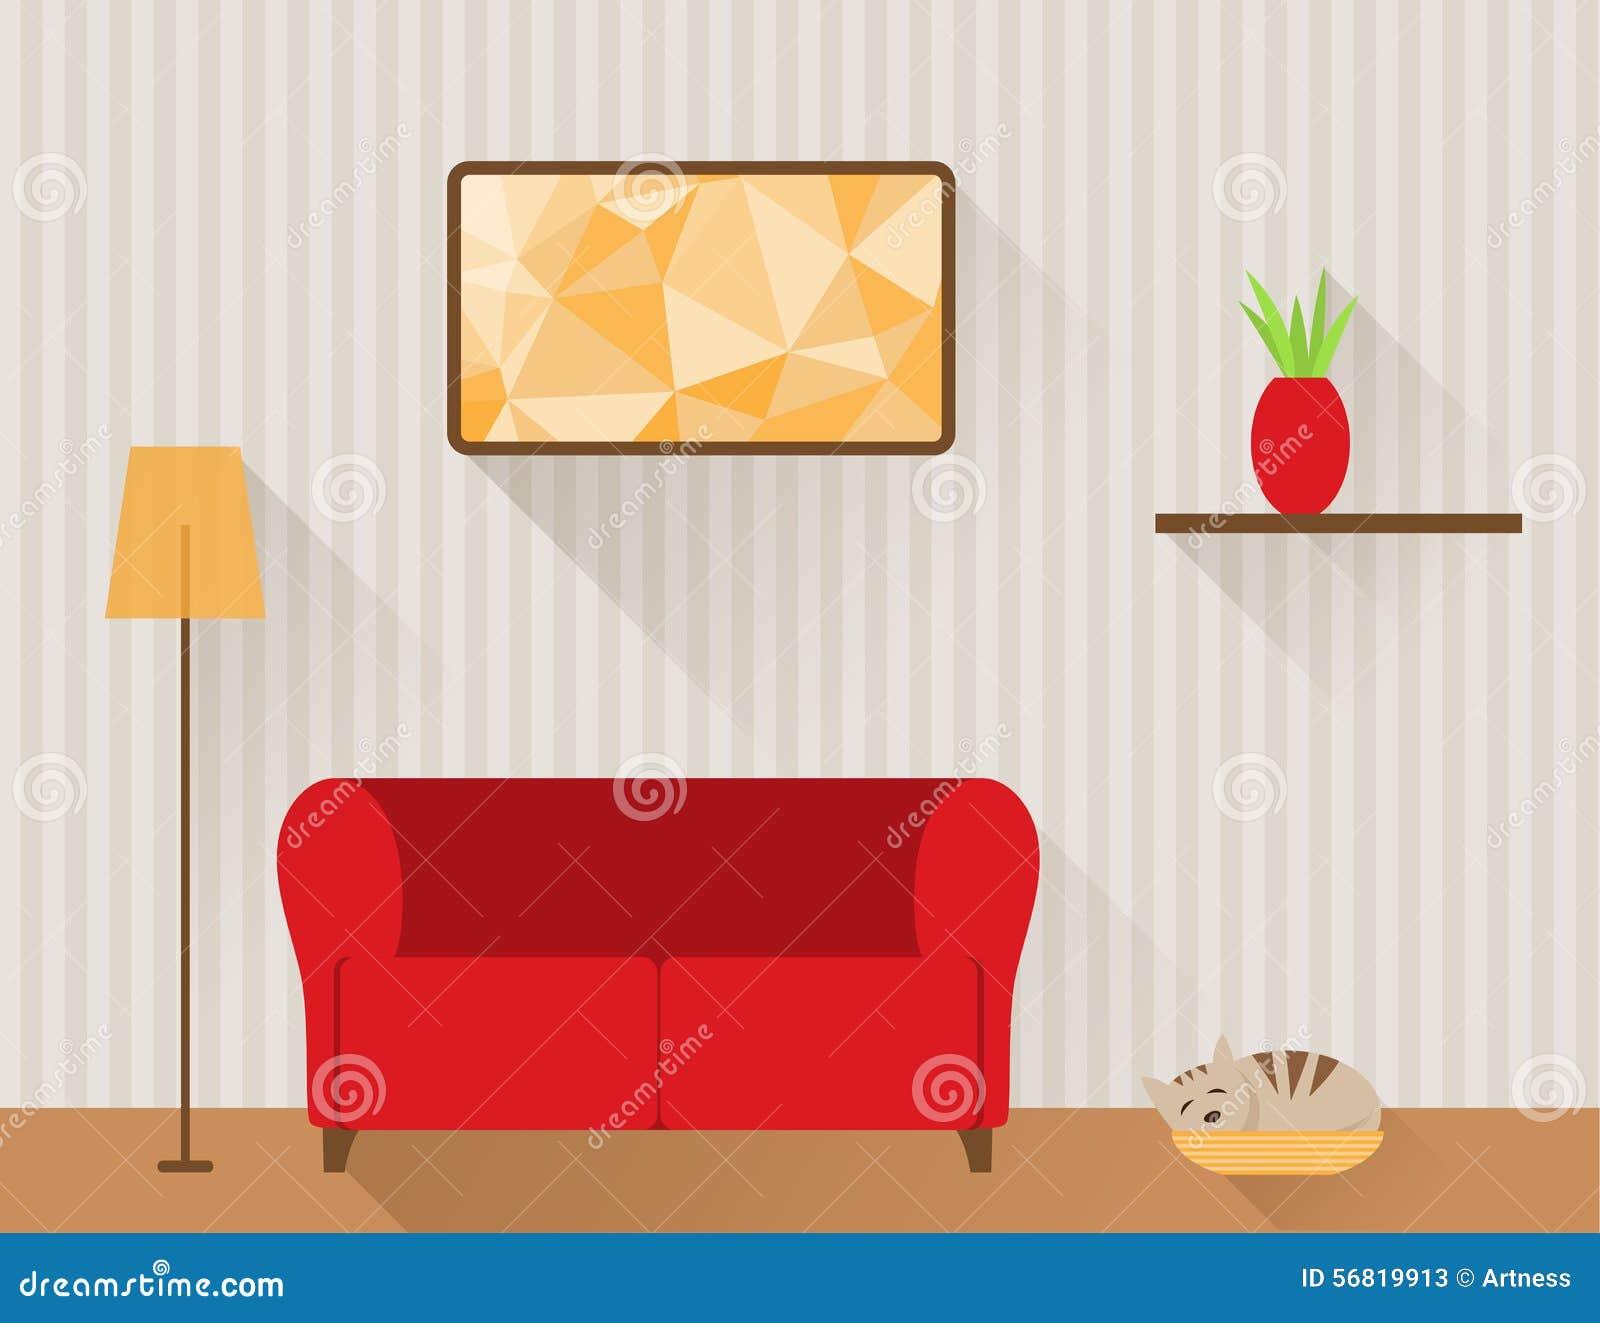 wohnzimmer mit rotem sofa und katze vektor abbildung - bild: 56819913